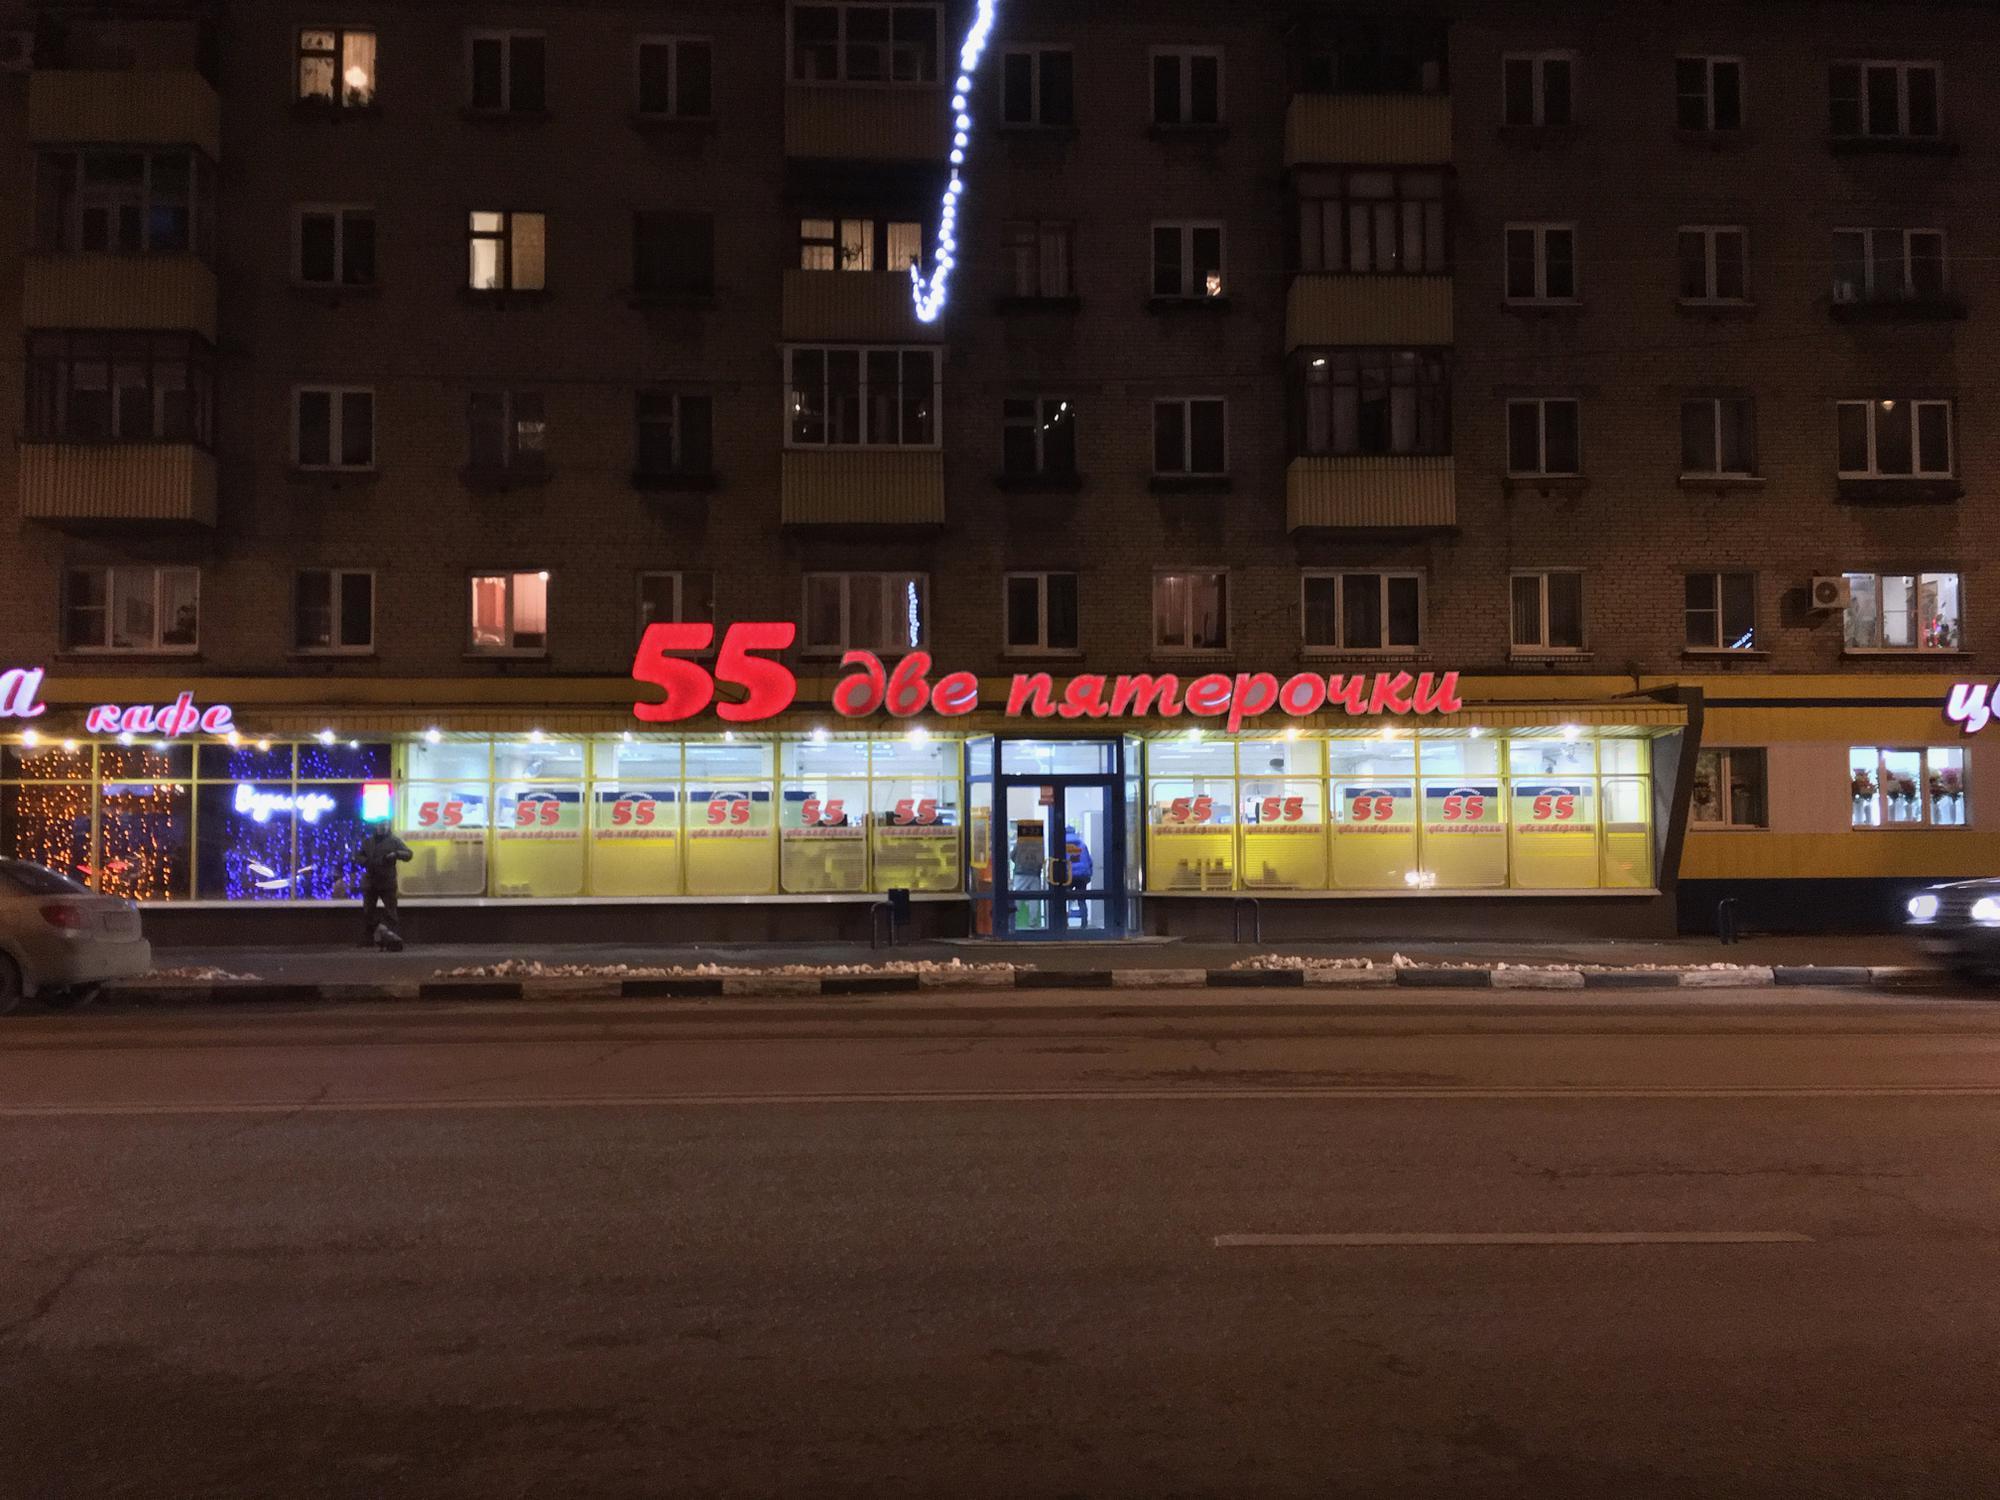 🇷🇺 Москва, Россия, ноябрь 2016.